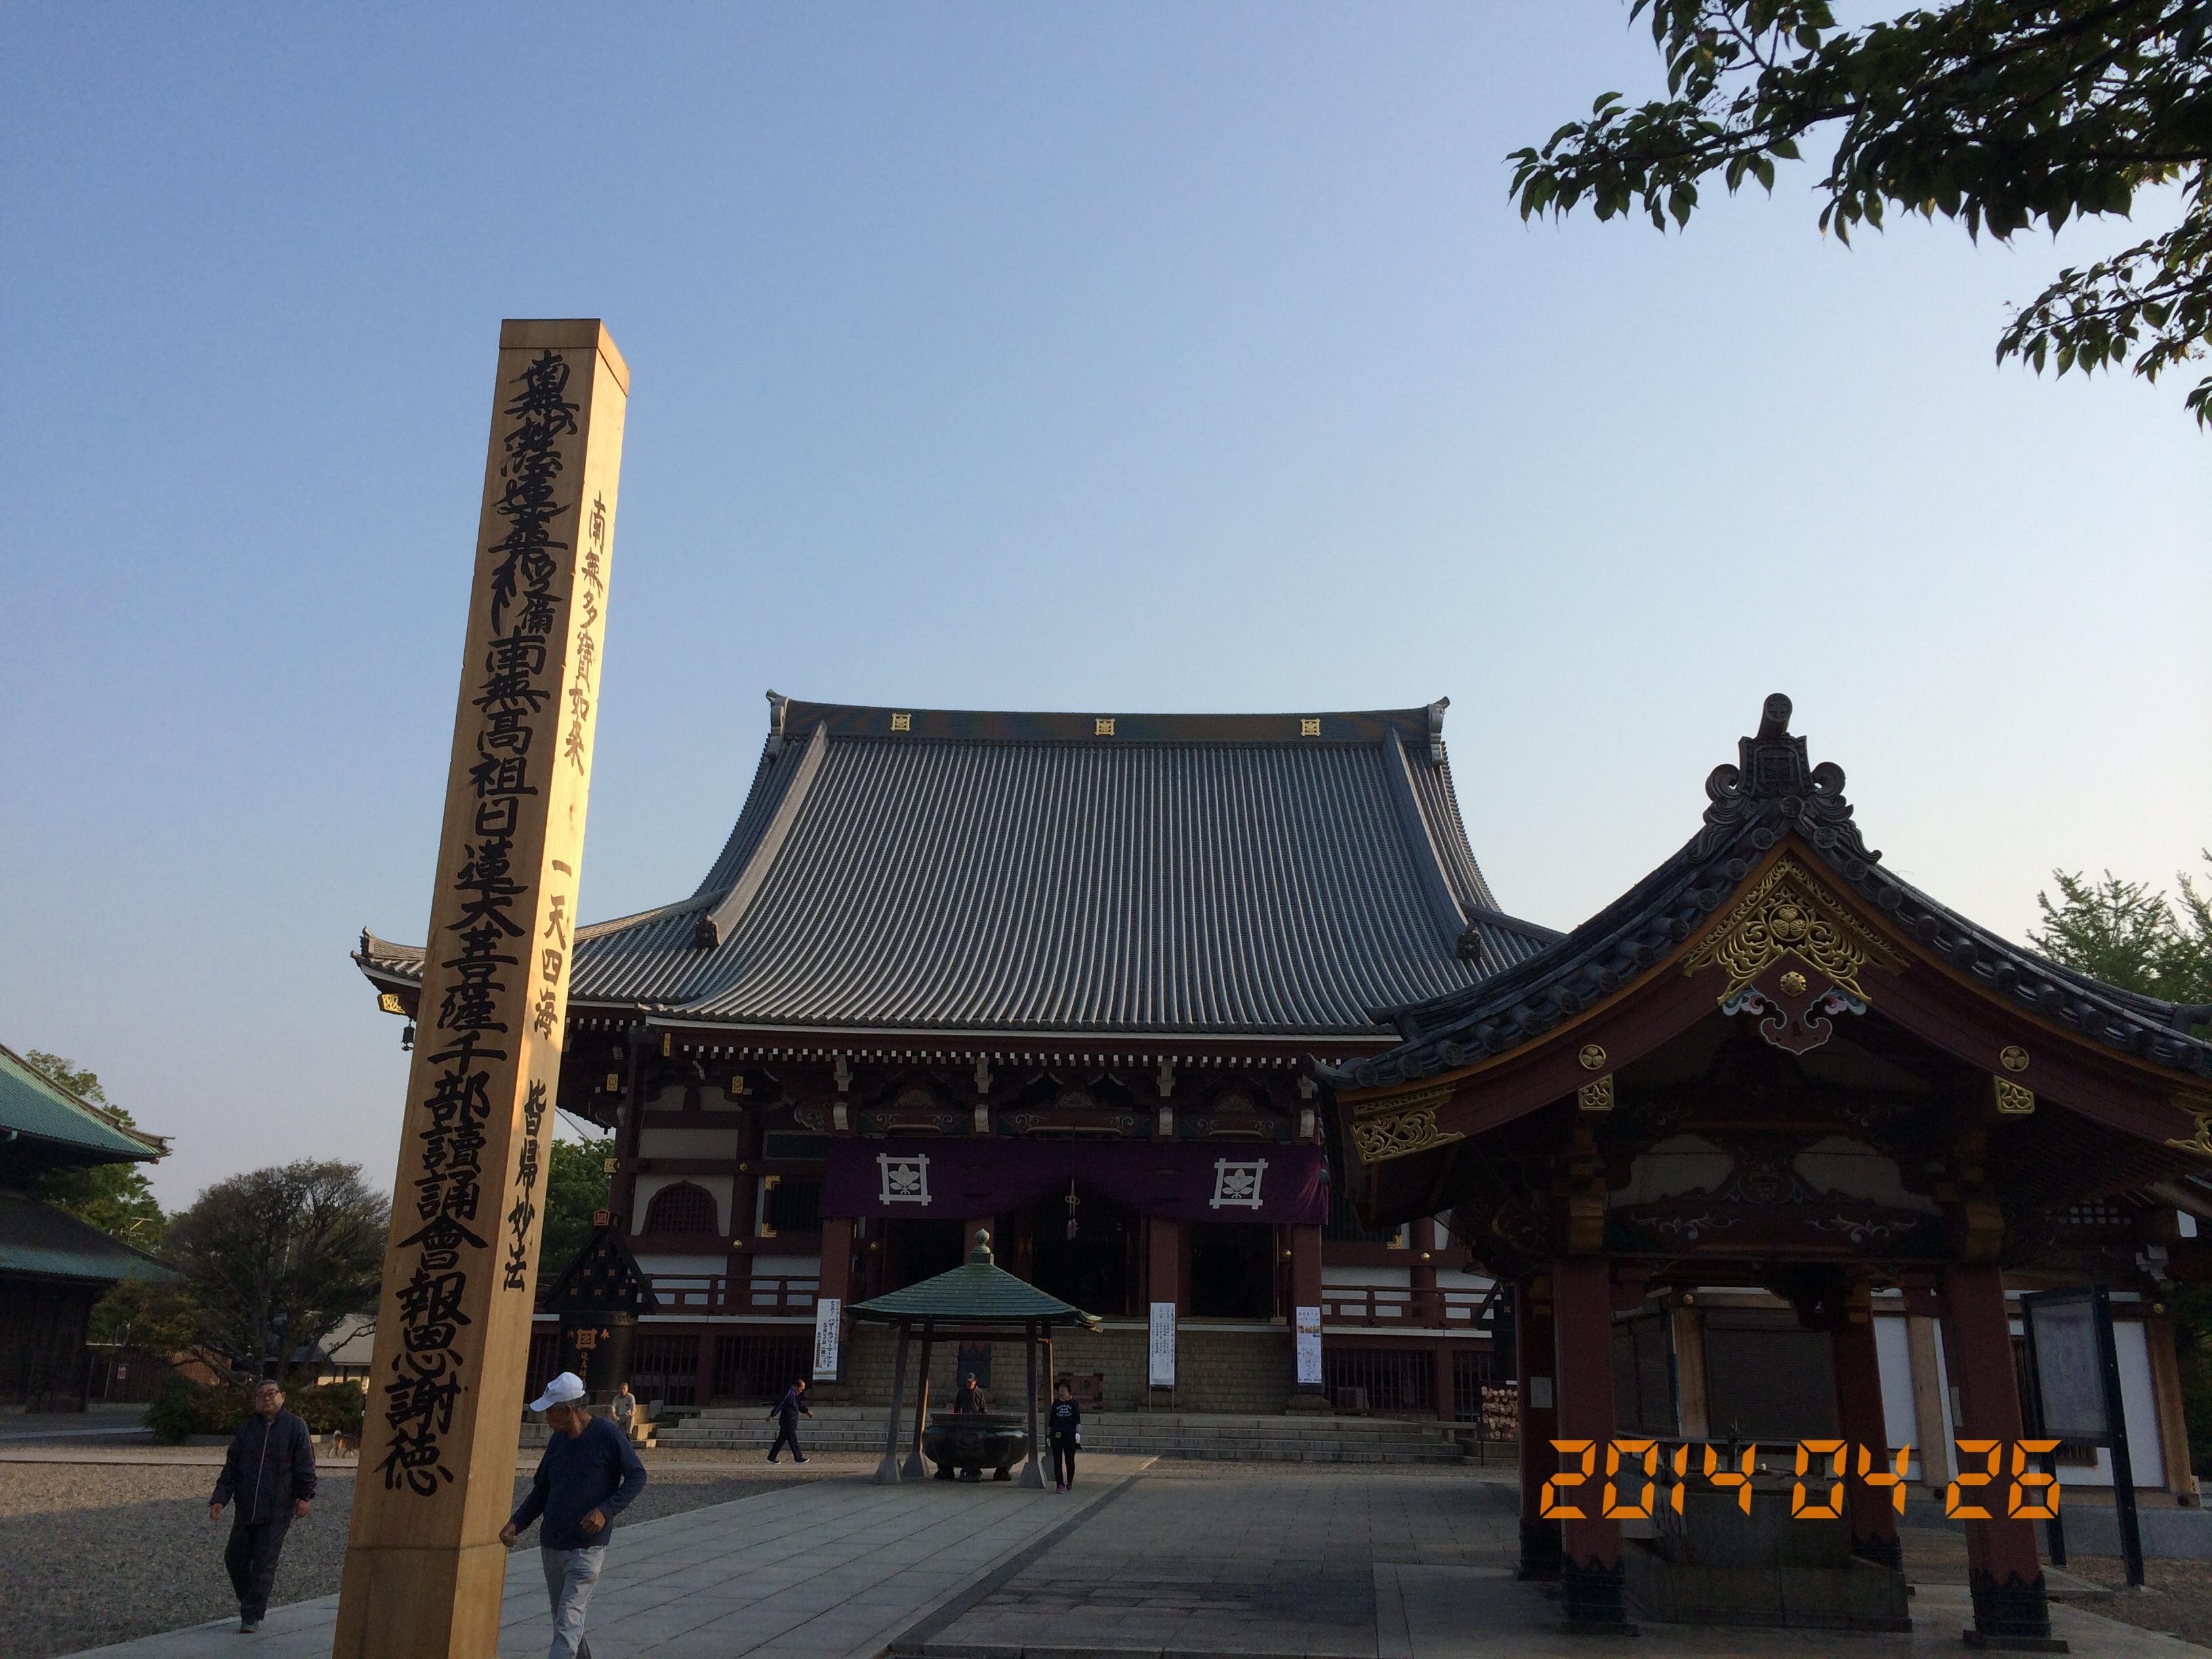 2014年4月26日池上本門寺